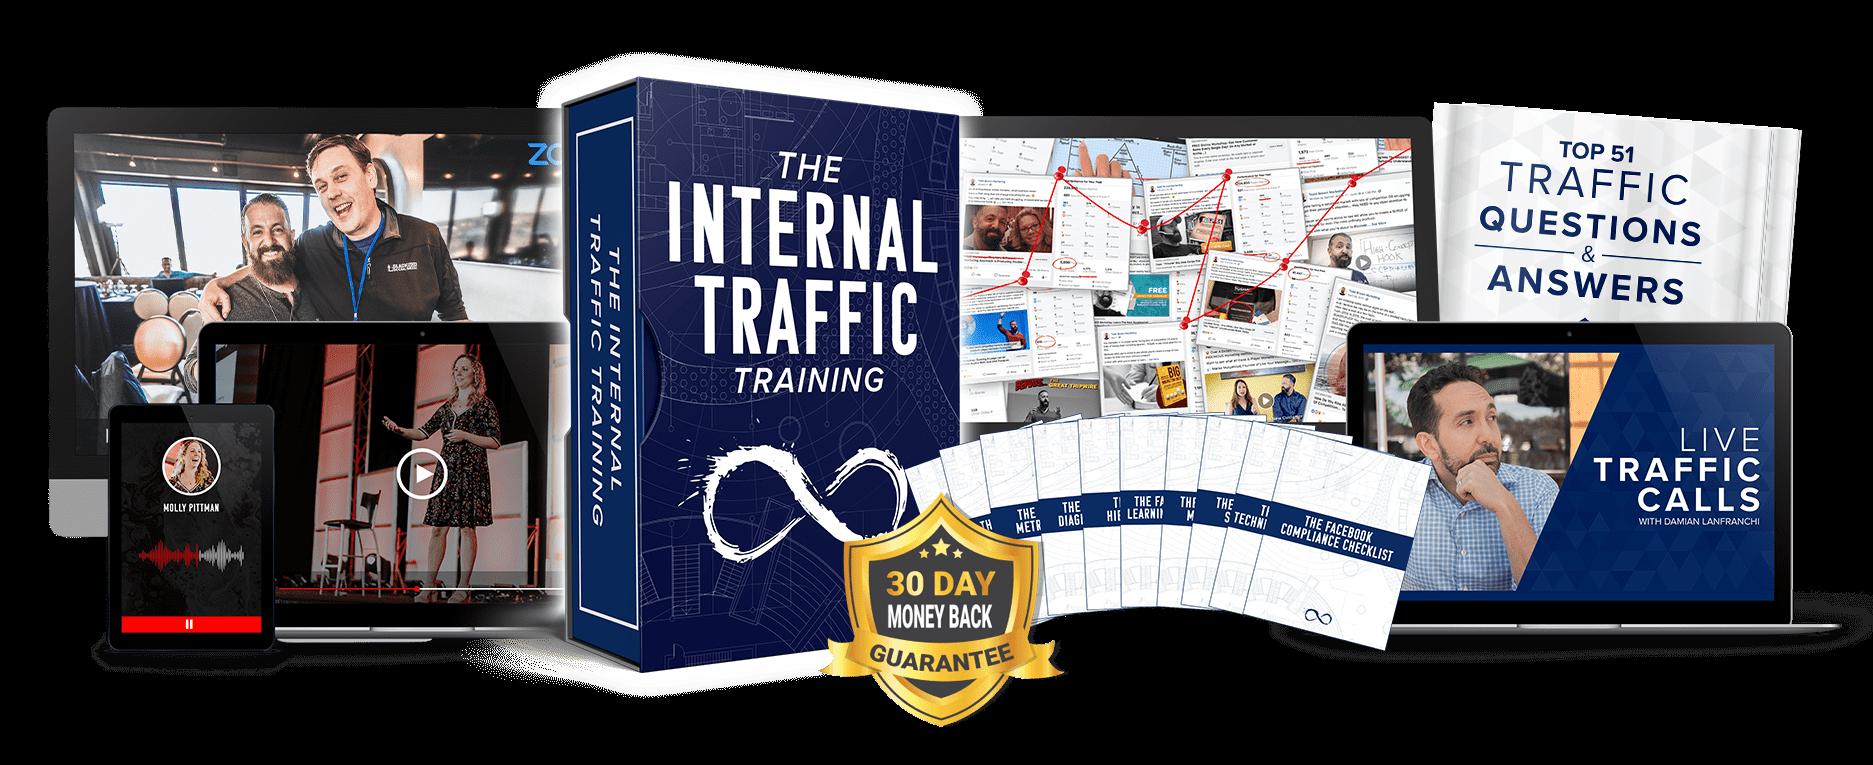 可靠的流量系统,为您带来新的潜在客户和客户销售。(Internal Traffic Training)